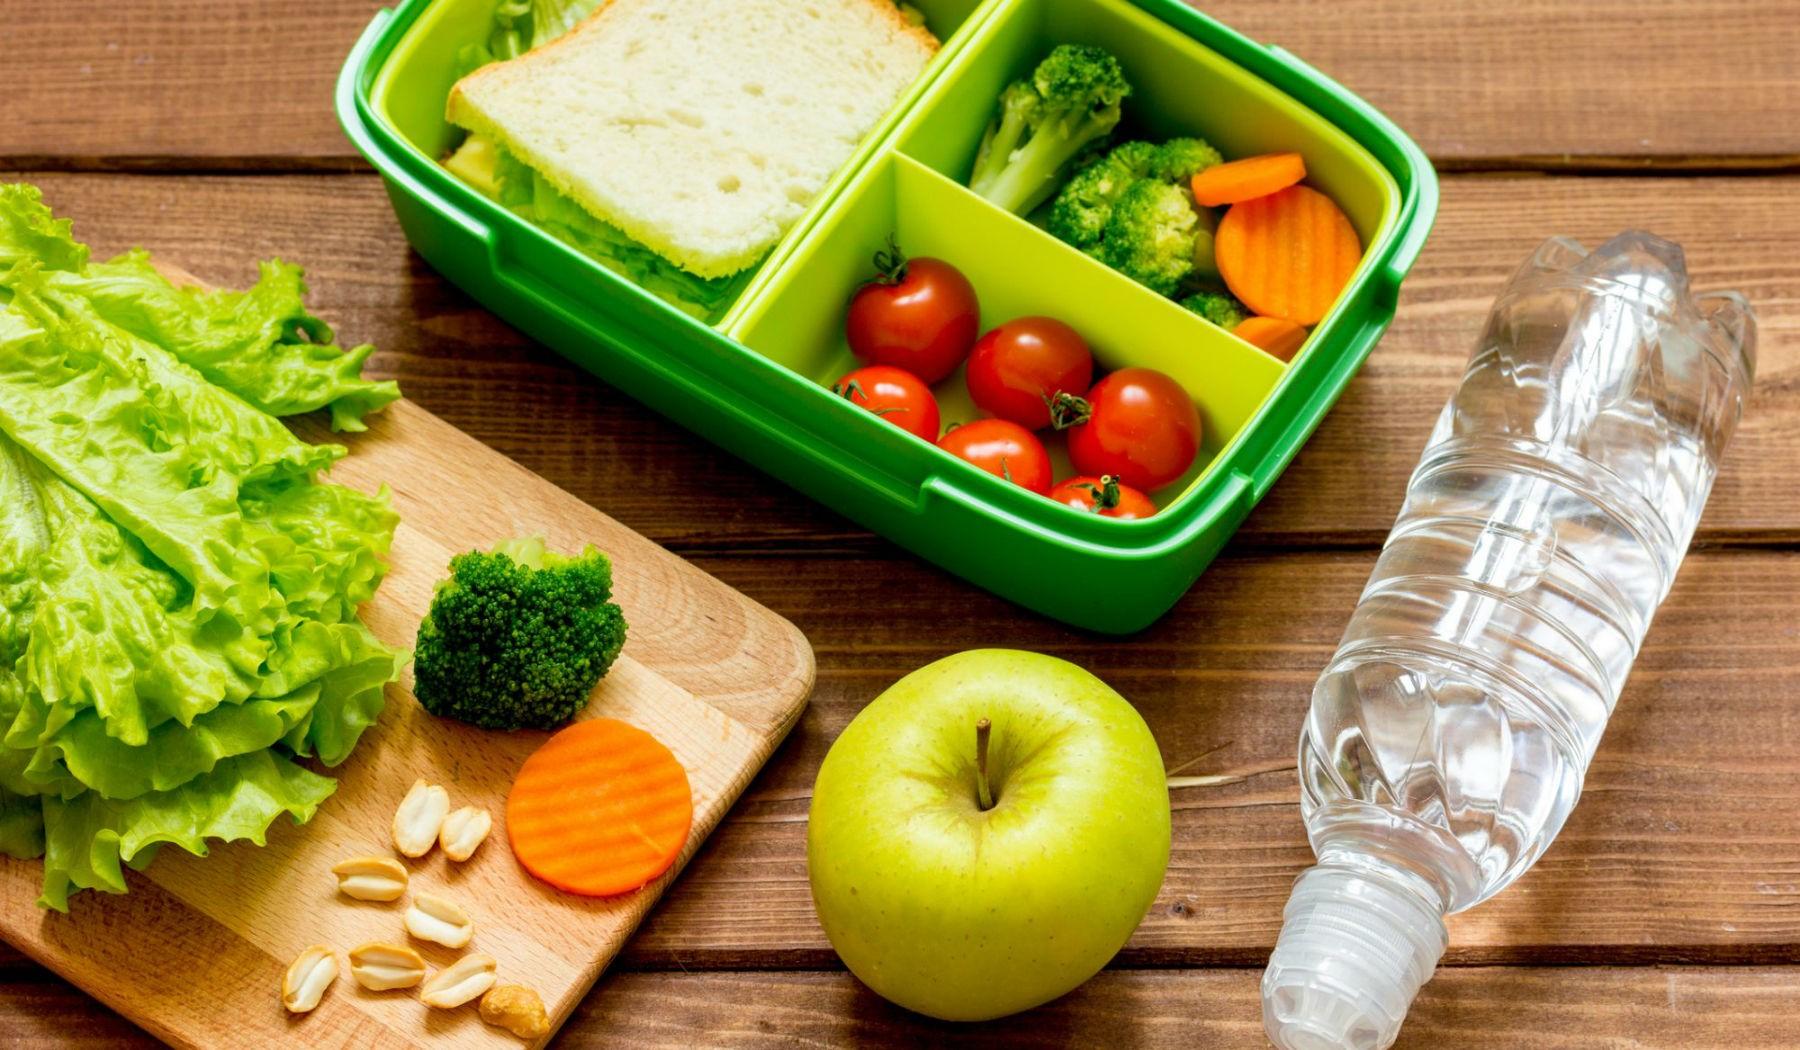 Apportez un déjeuner sain au travail pour ne pas avoir à manger de fast-food.